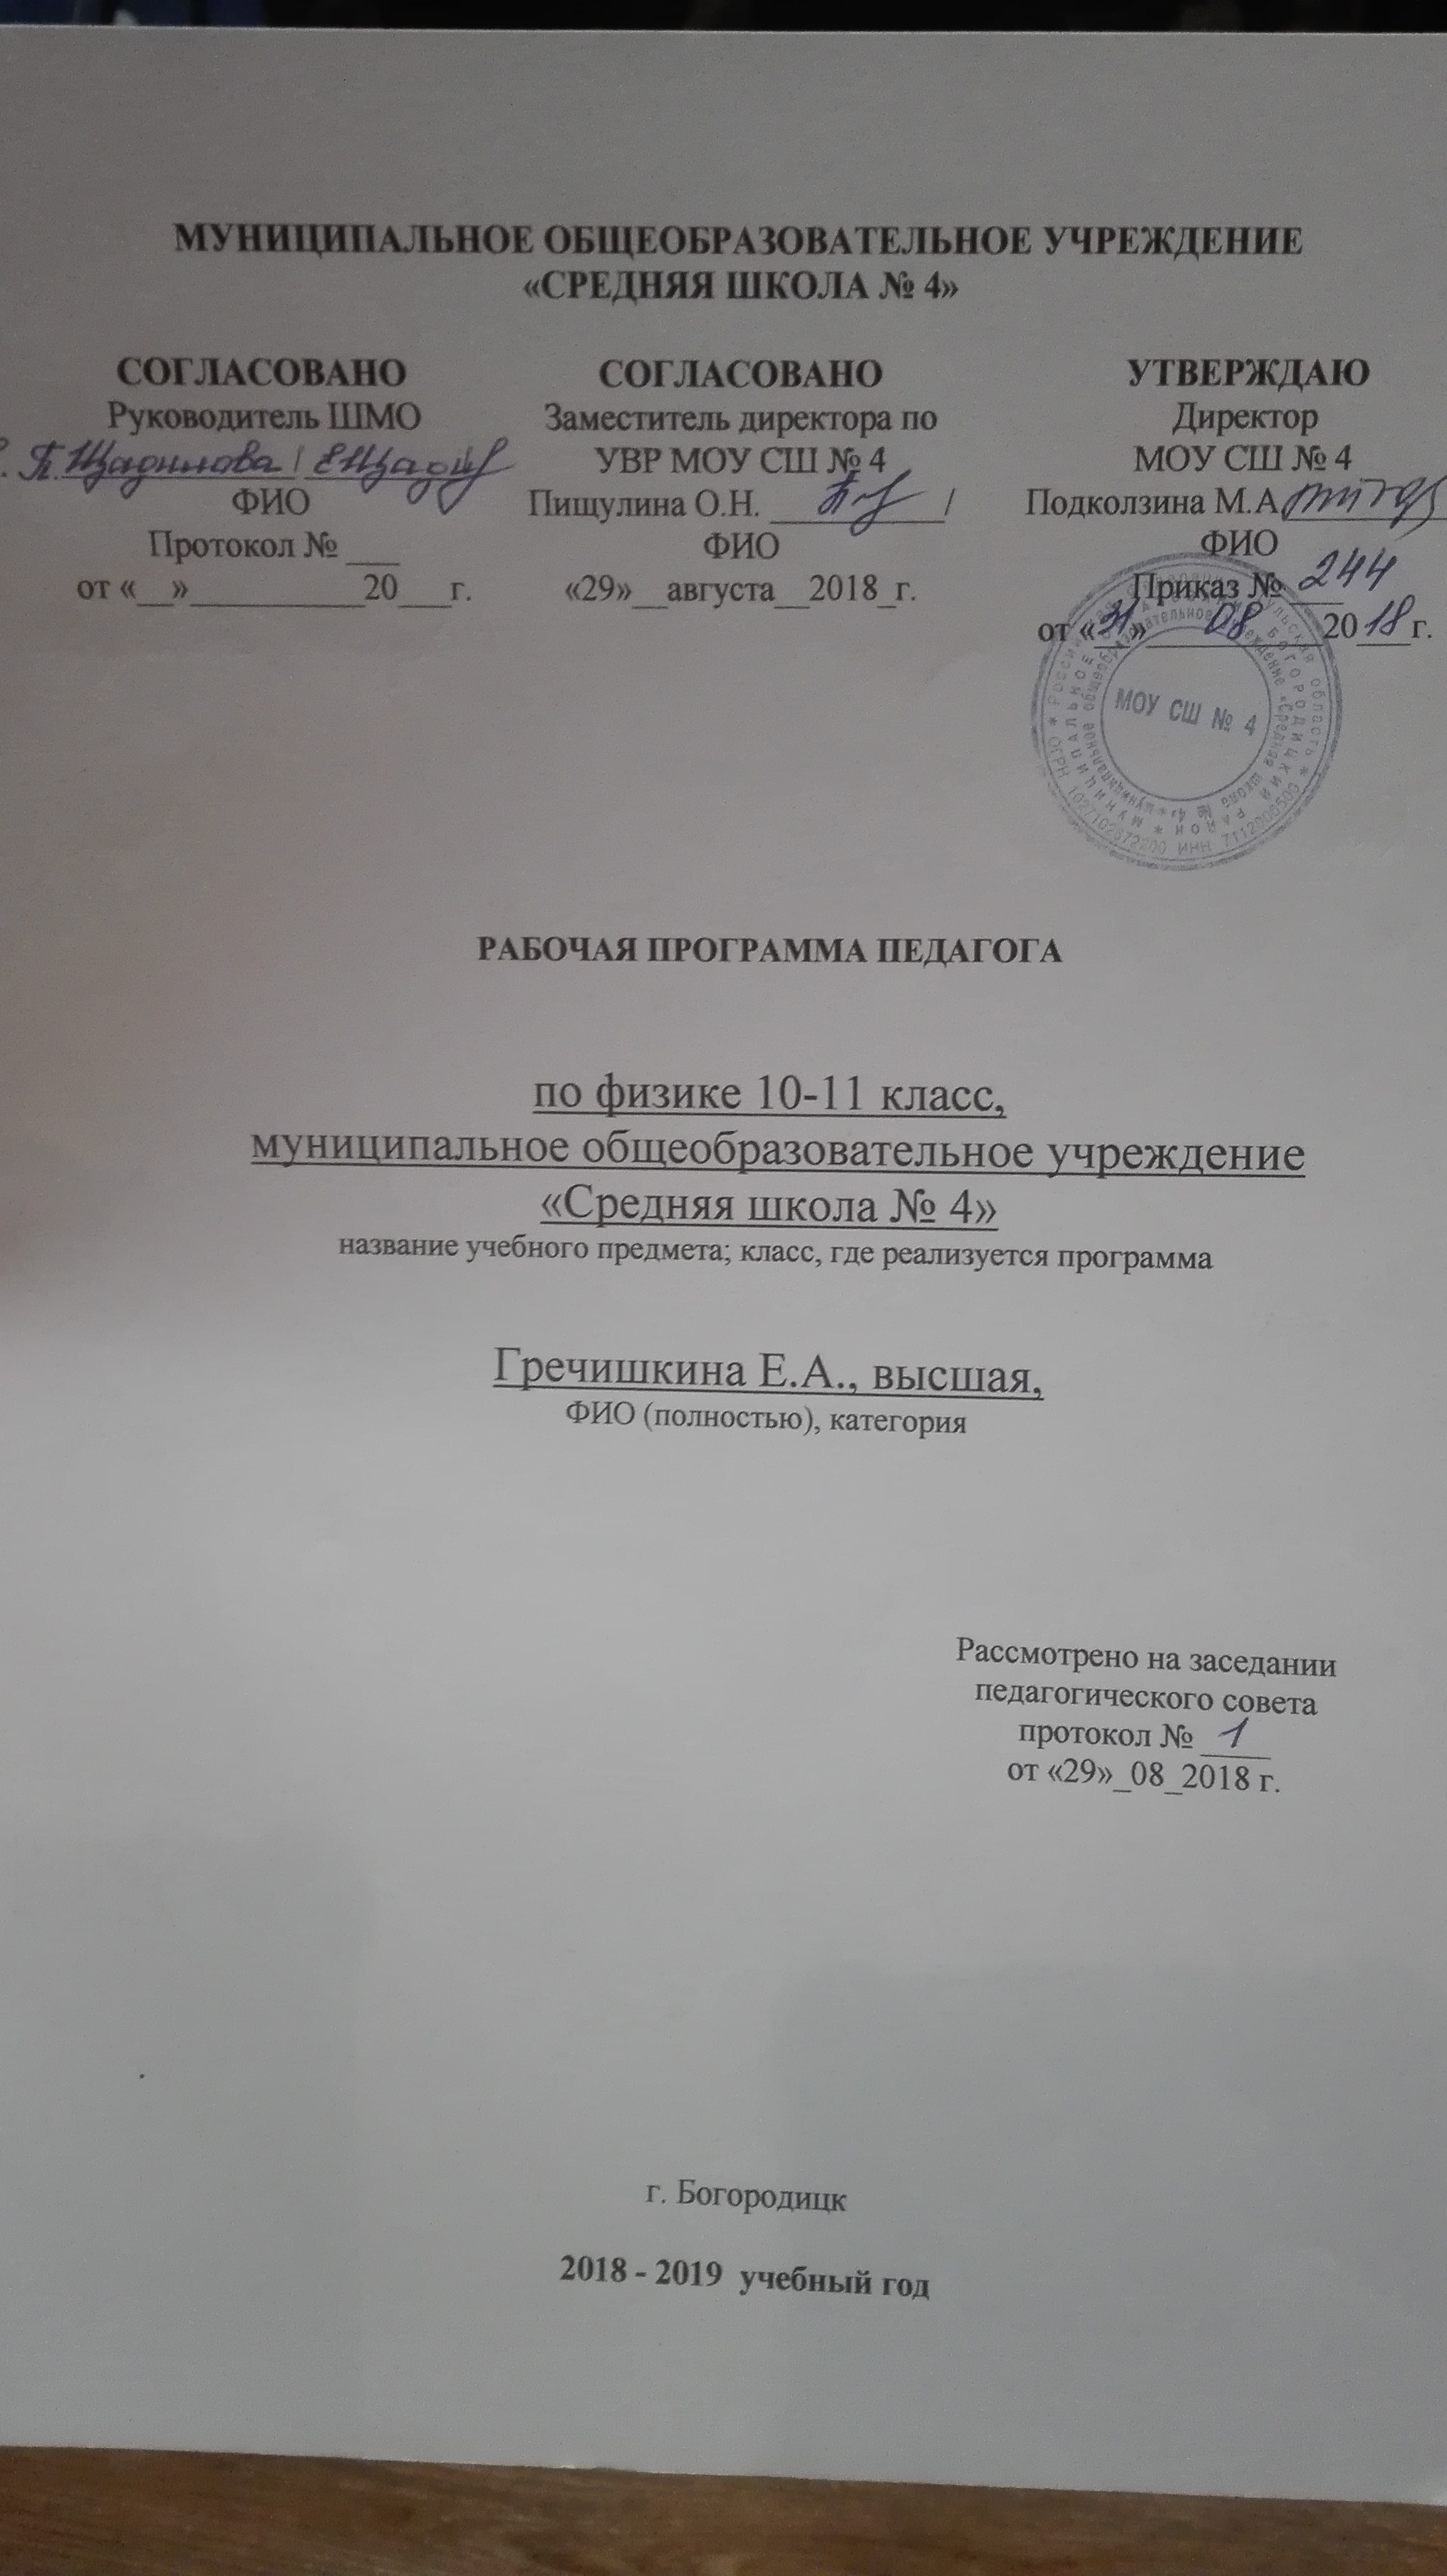 гдз экономика 10-11 класс савицкая